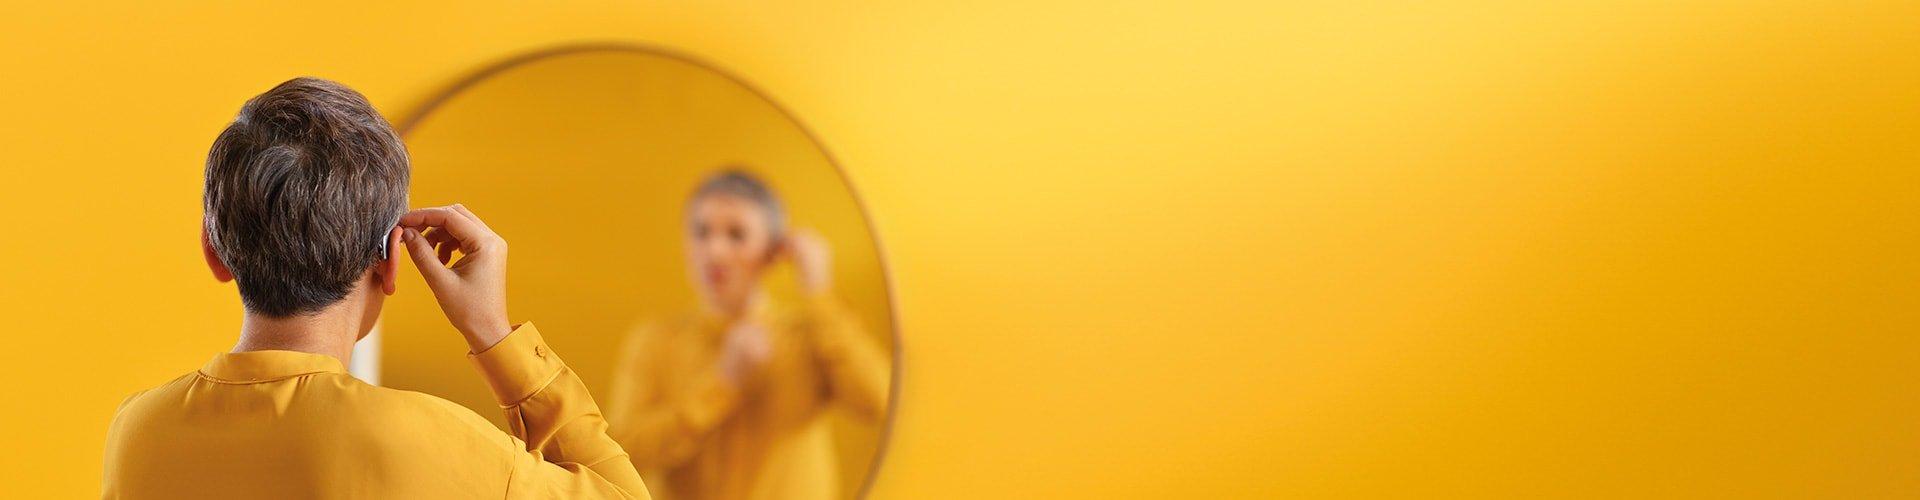 一位女士正在配戴她的飛利浦助聽器。飛利浦 HearLink 助聽器有多種類型可選。